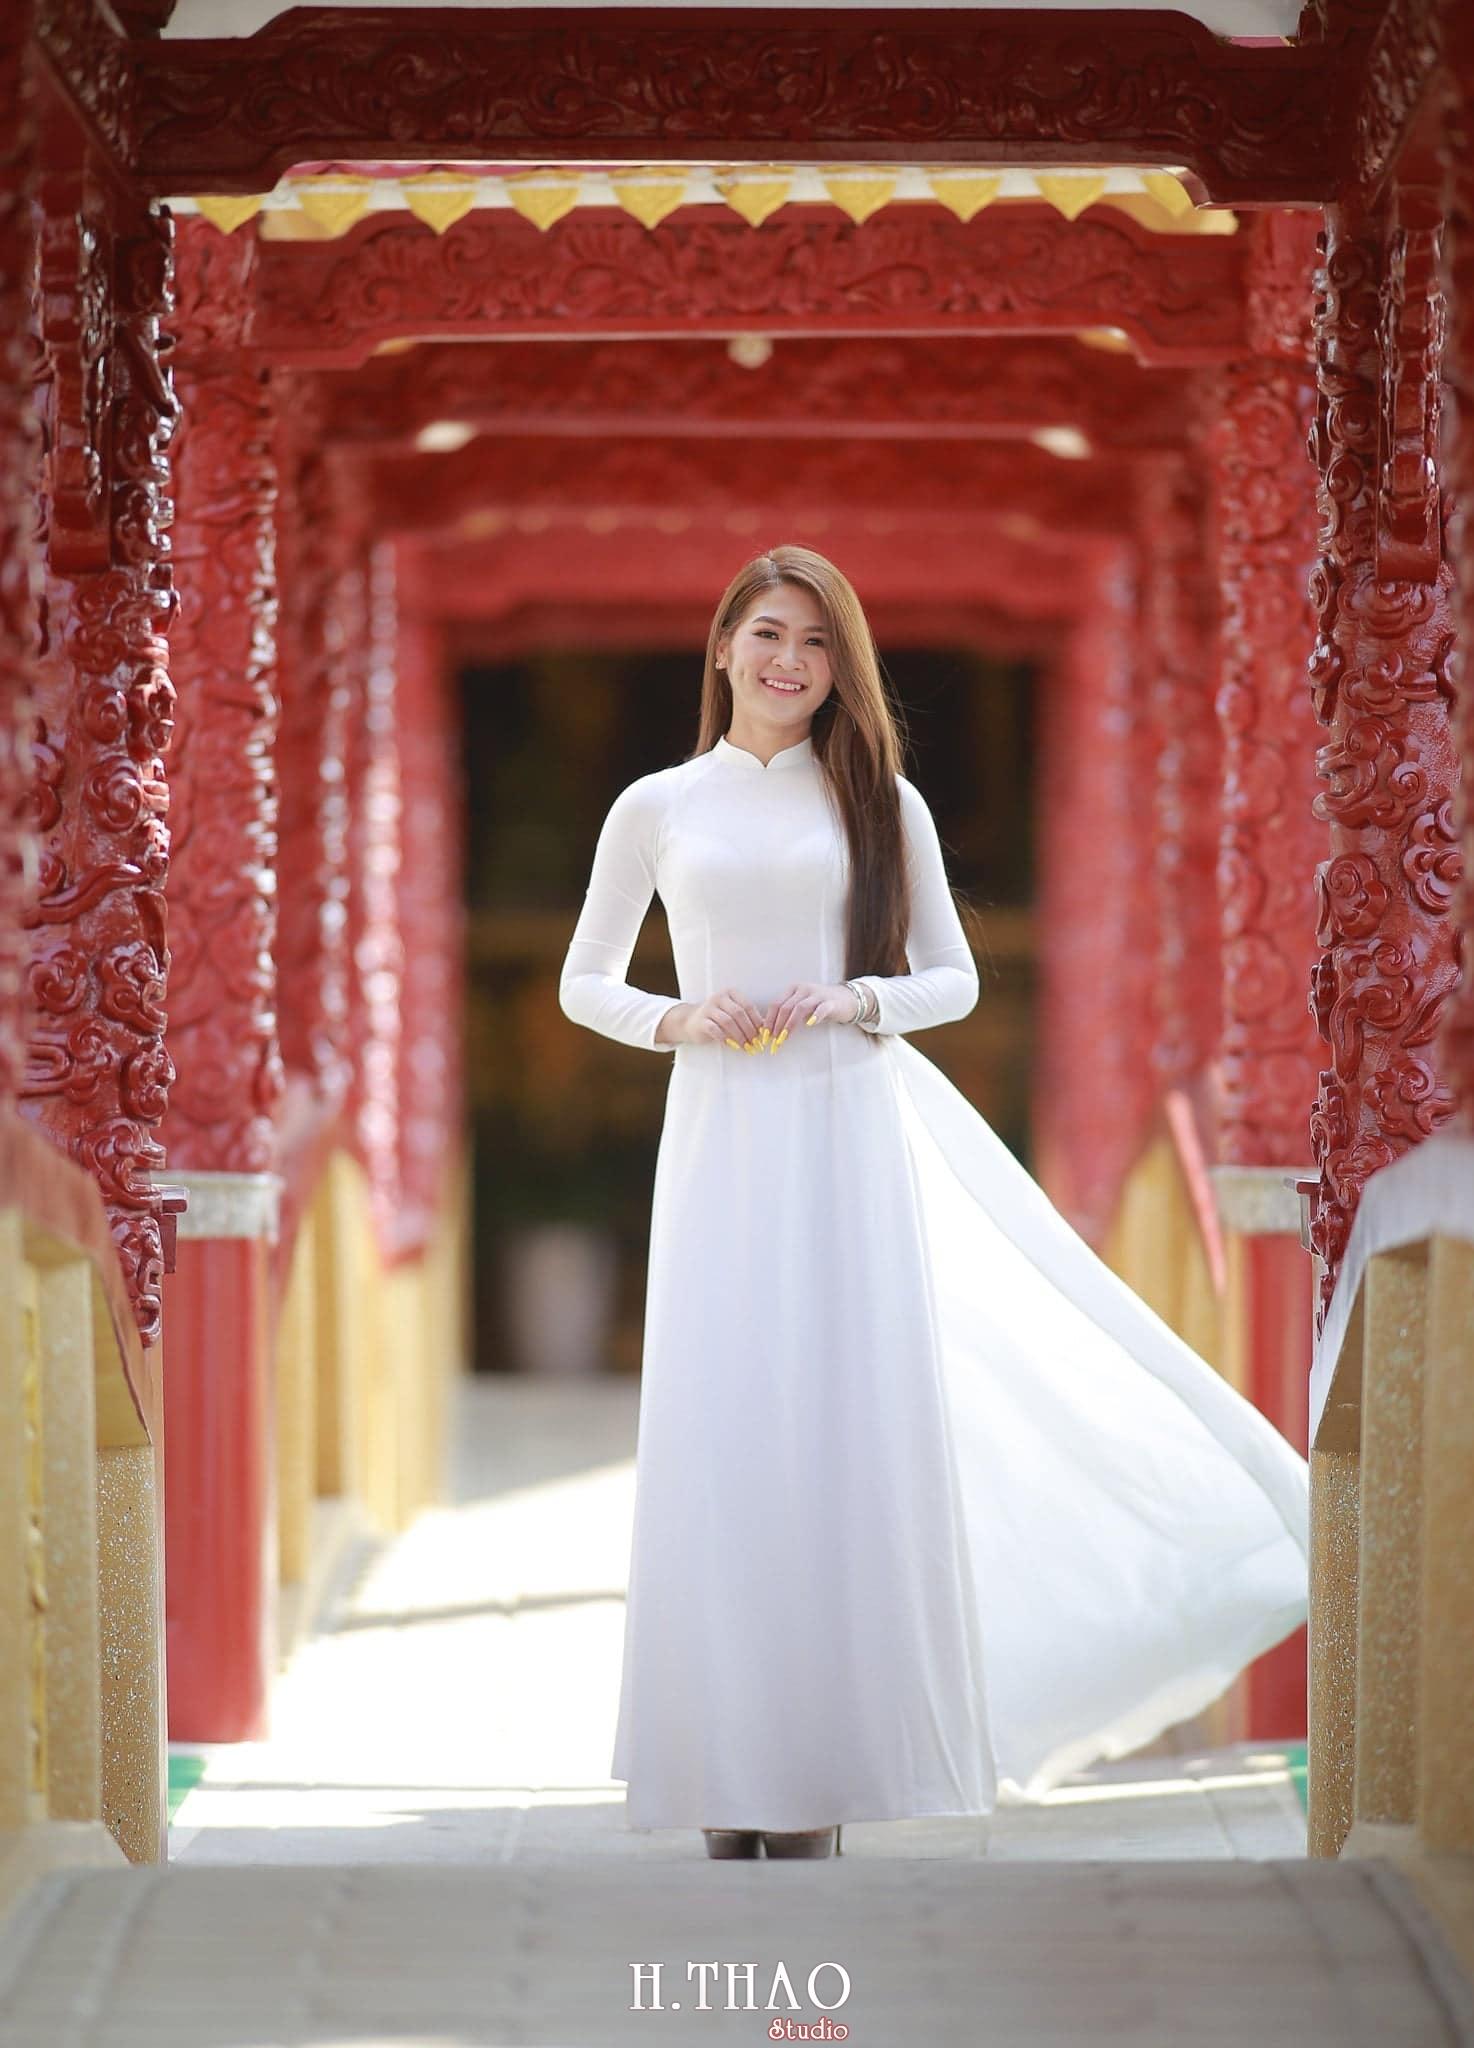 Anh ao dai viet nam 8 - 49 cách tạo dáng chụp ảnh với áo dài tuyệt đẹp - HThao Studio